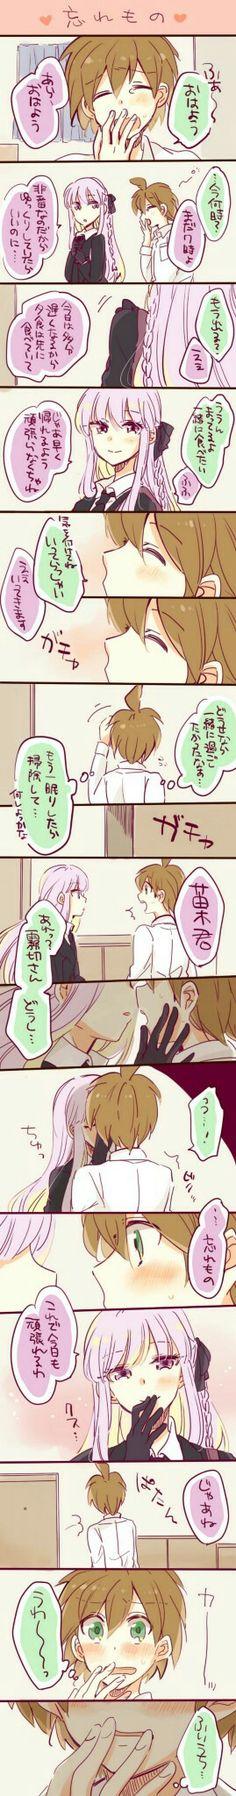 Makoto & Kyoko